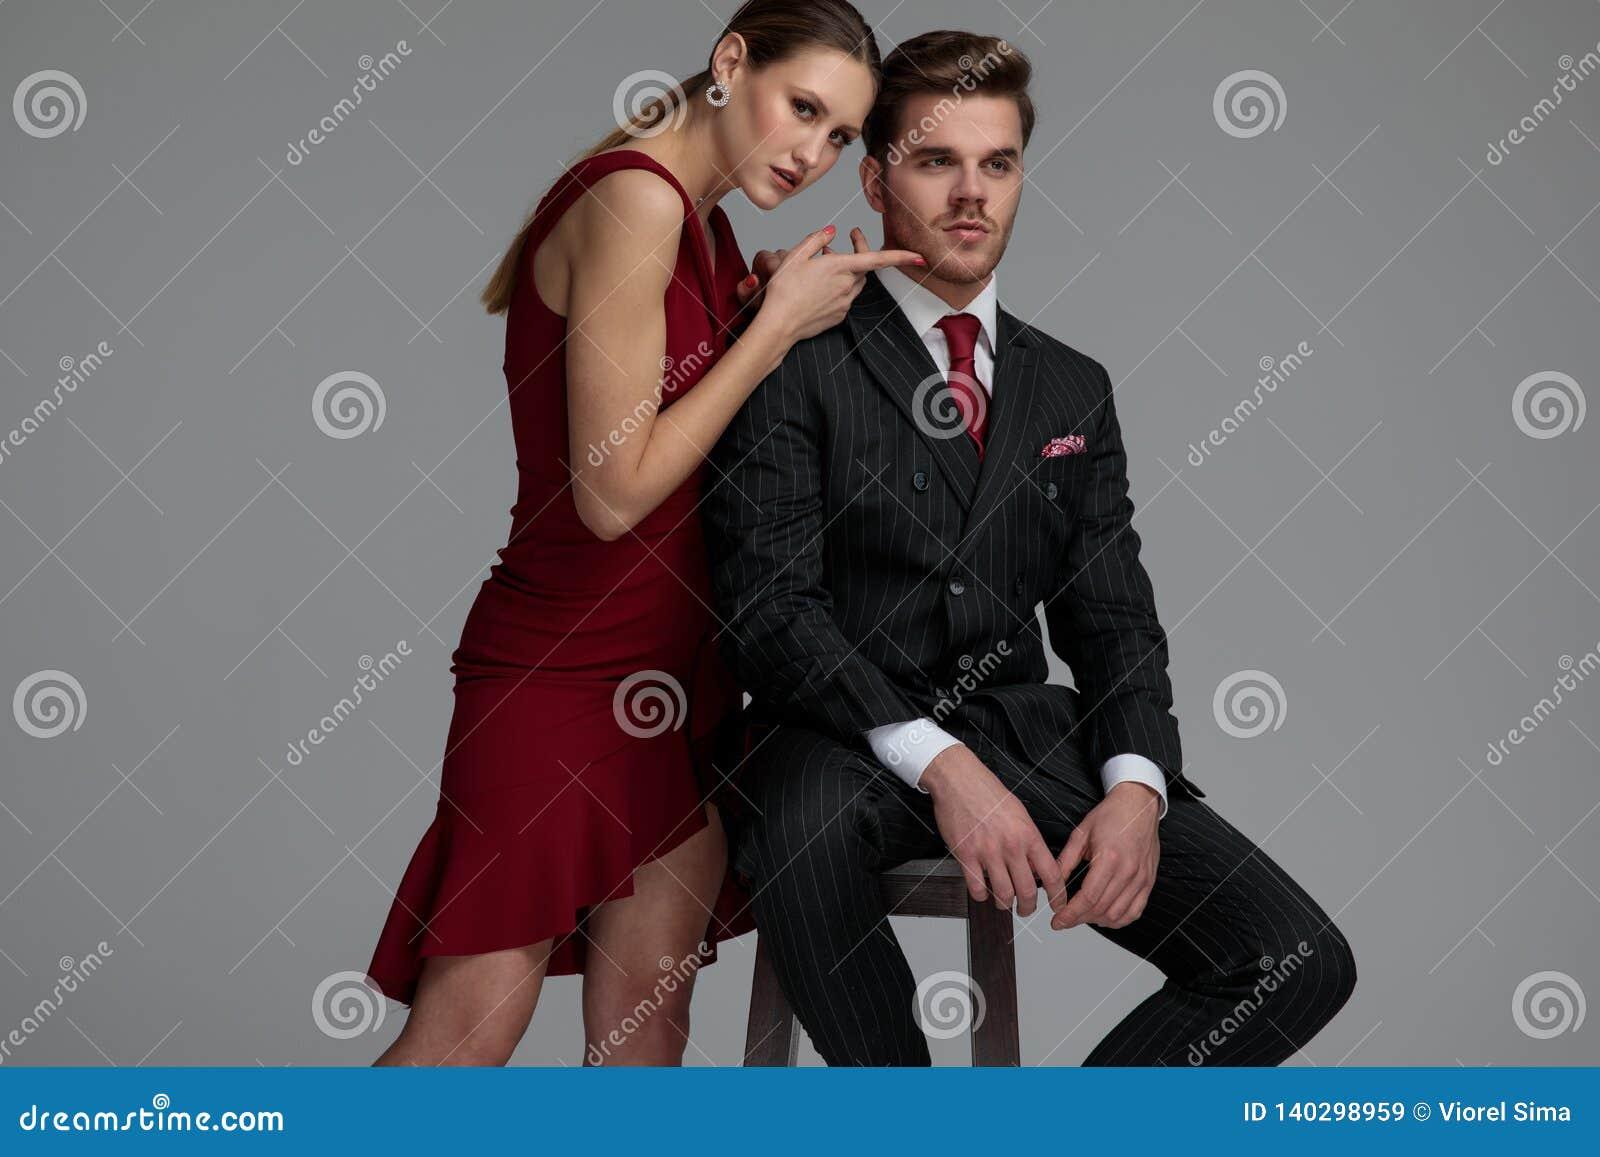 Women women teasing How To